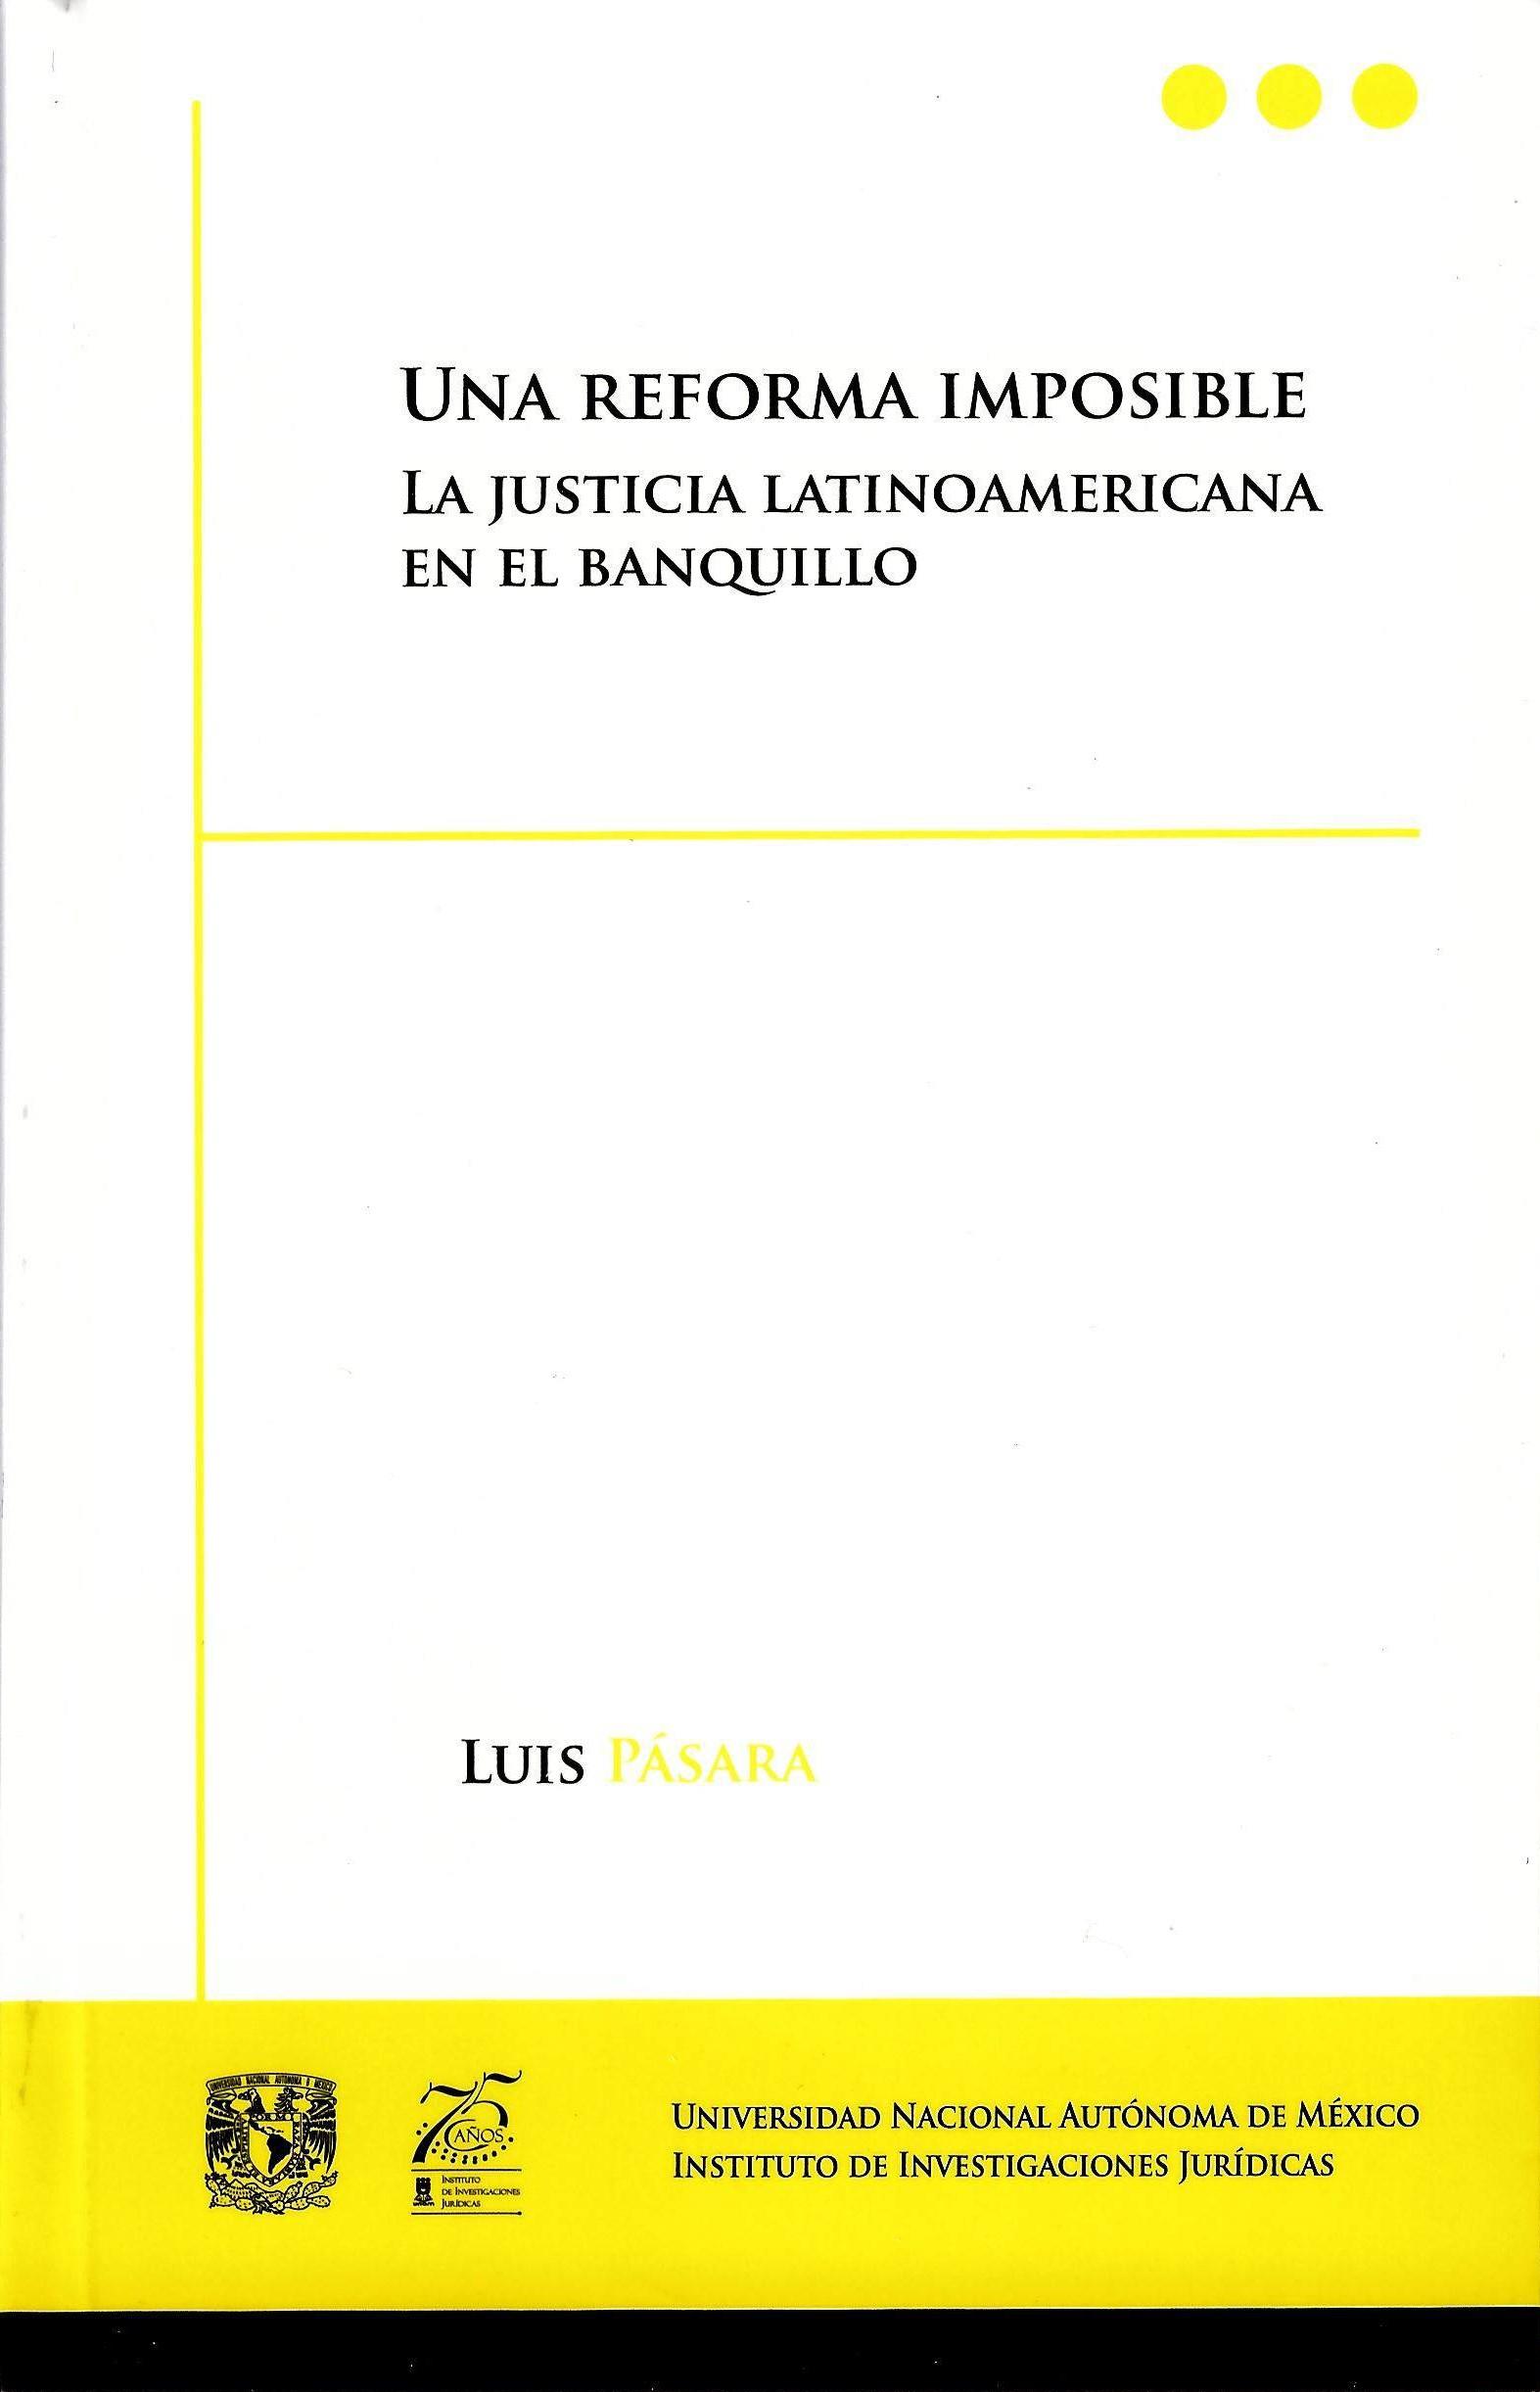 Una reforma imposible. La justica latinoamericana en el banquillo